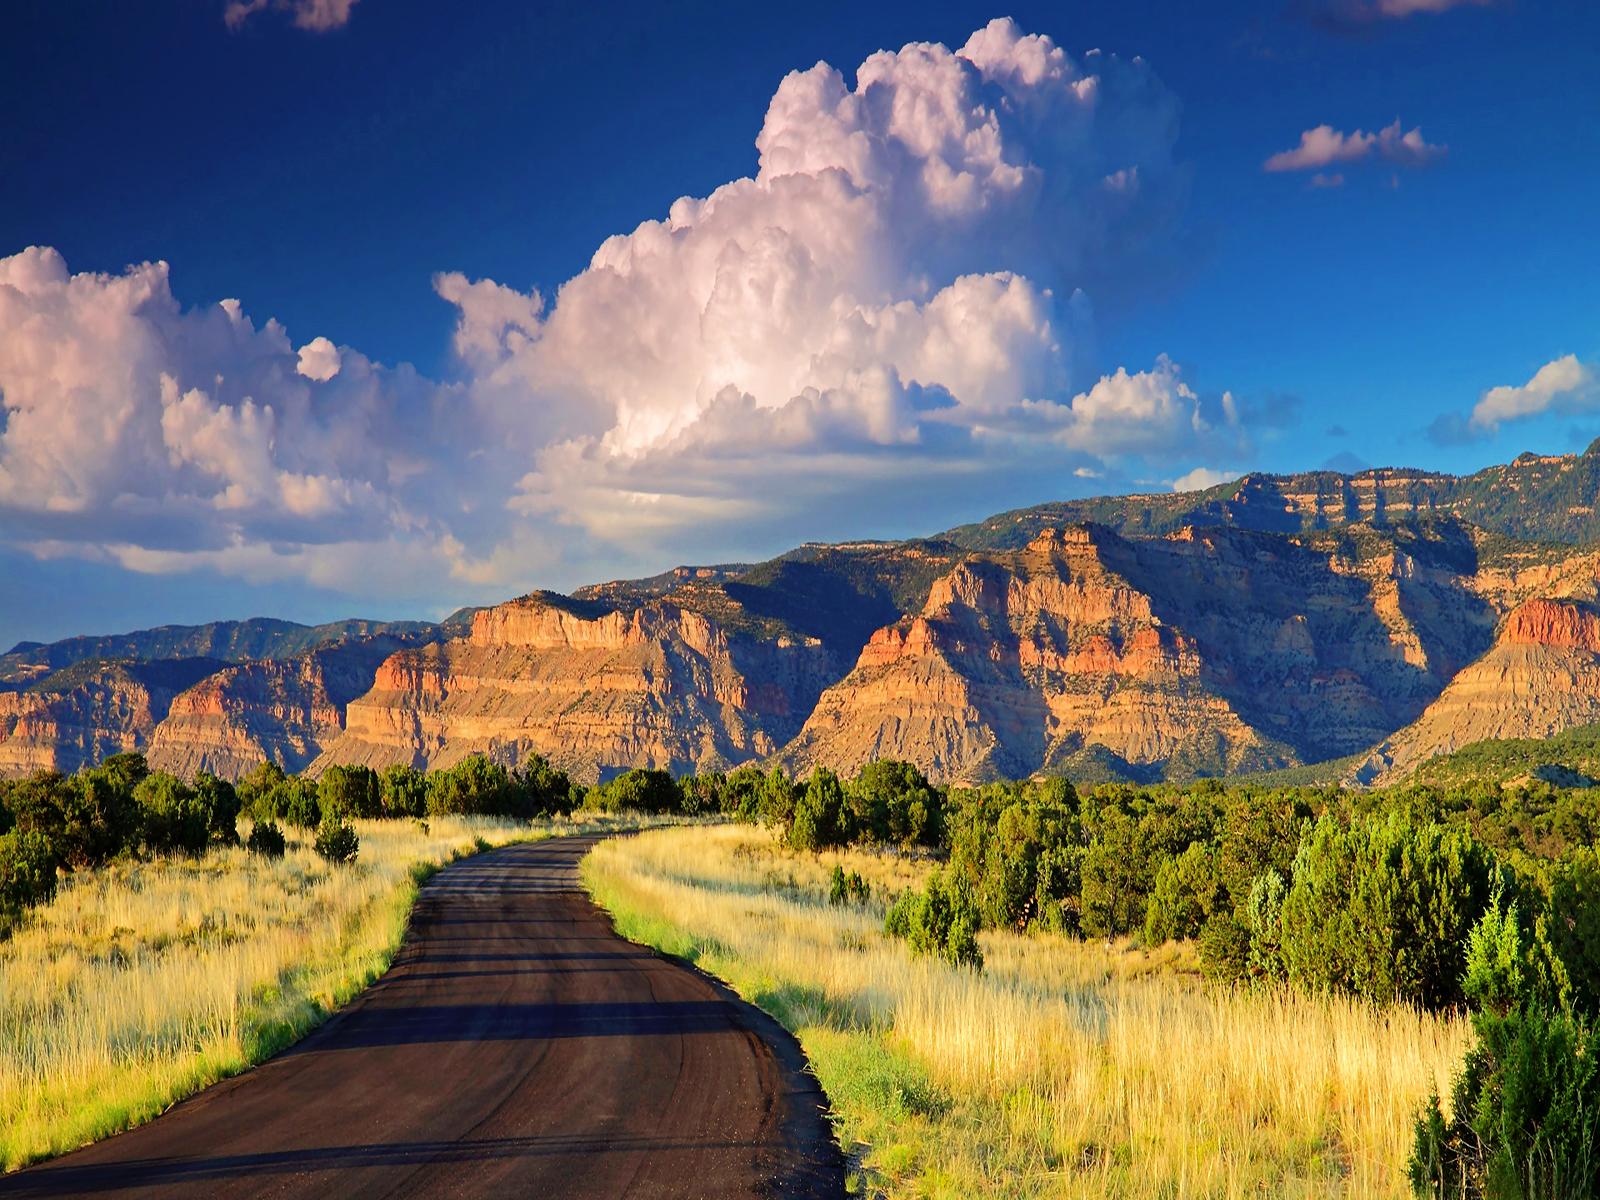 western landscape wallpaper 1600x1200